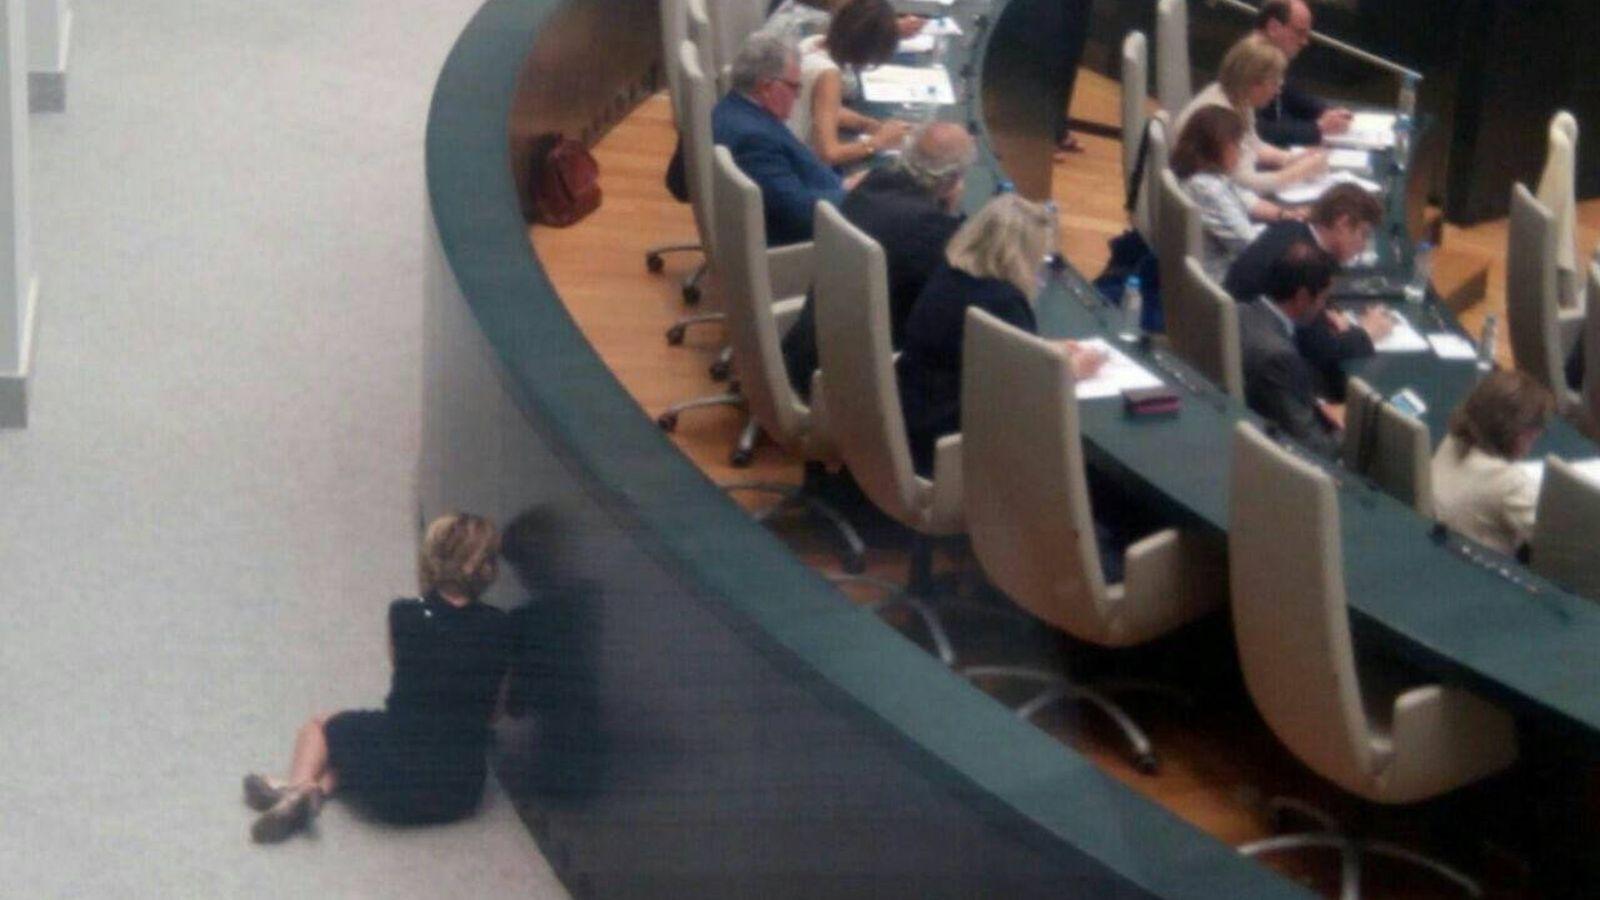 Foto: Aguirre, en el suelo del Ayuntamiento de Madrid hablando por teléfono (Twitter/@AhoraCLineal)